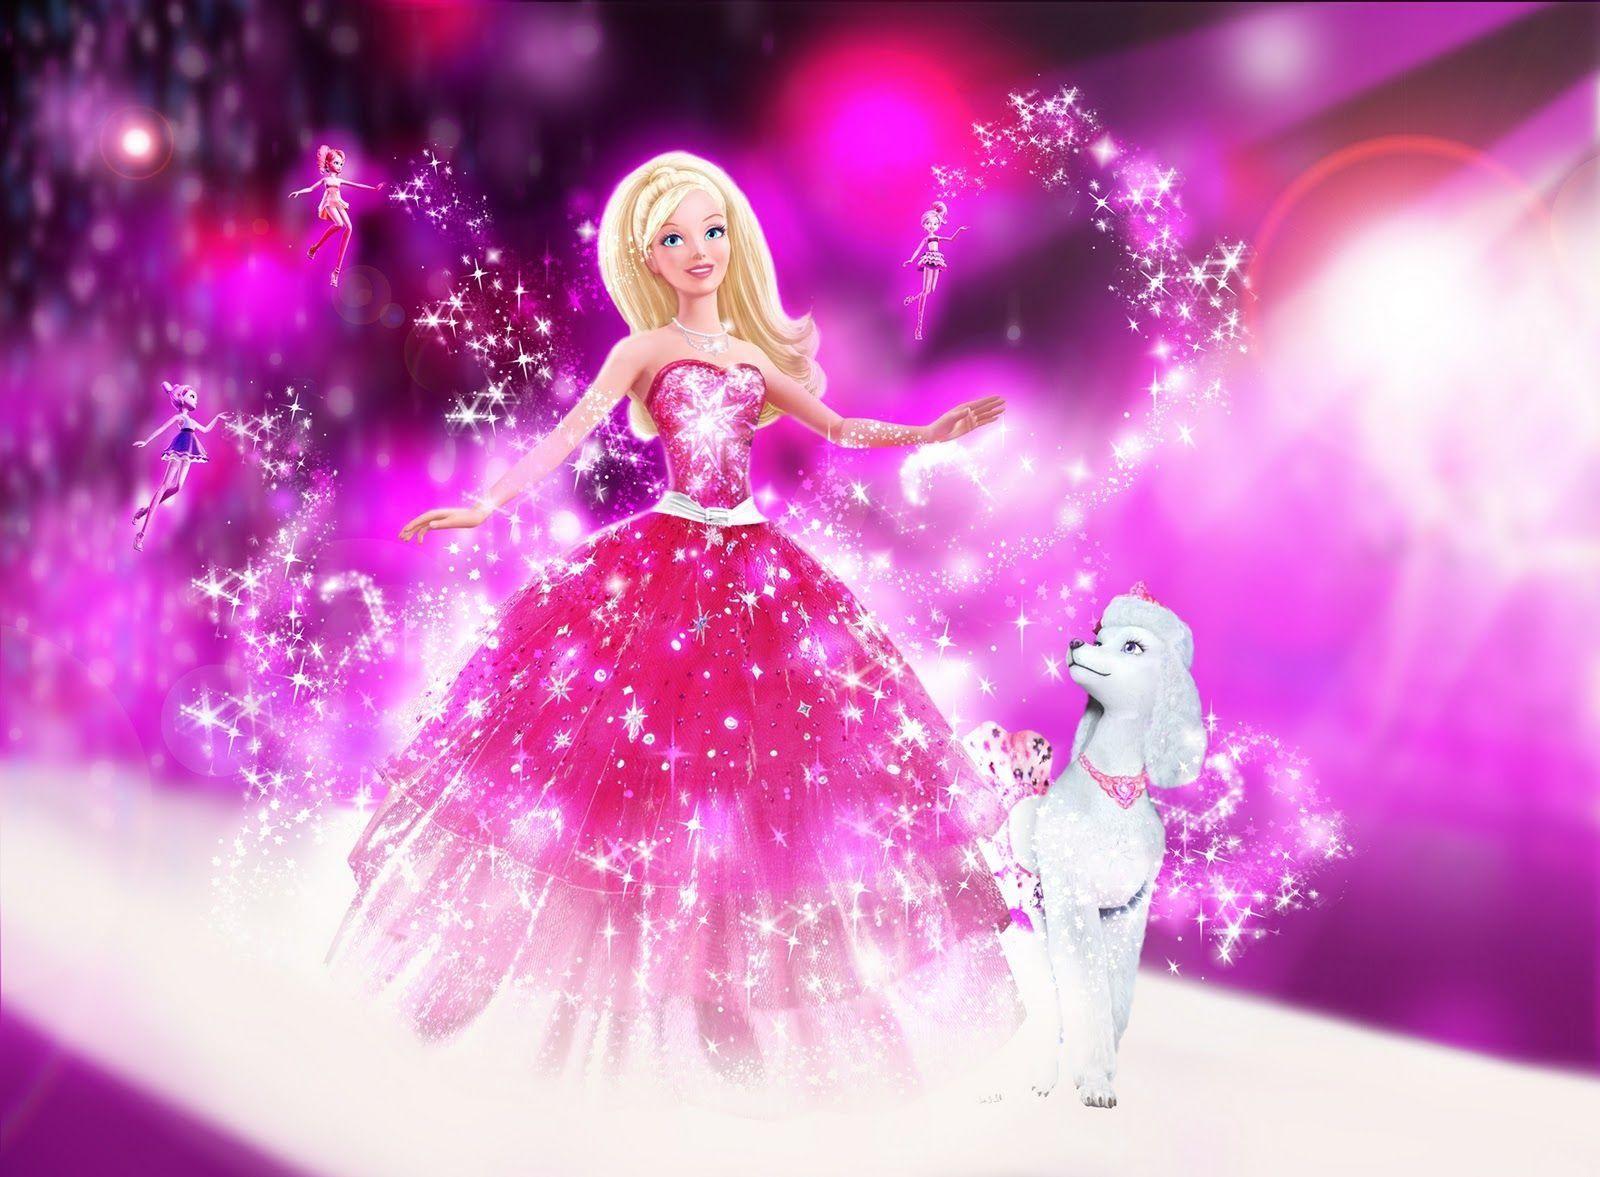 Pink Barbie Doll Wallpaper Barbie Princess Barbie Movies Barbie Girl